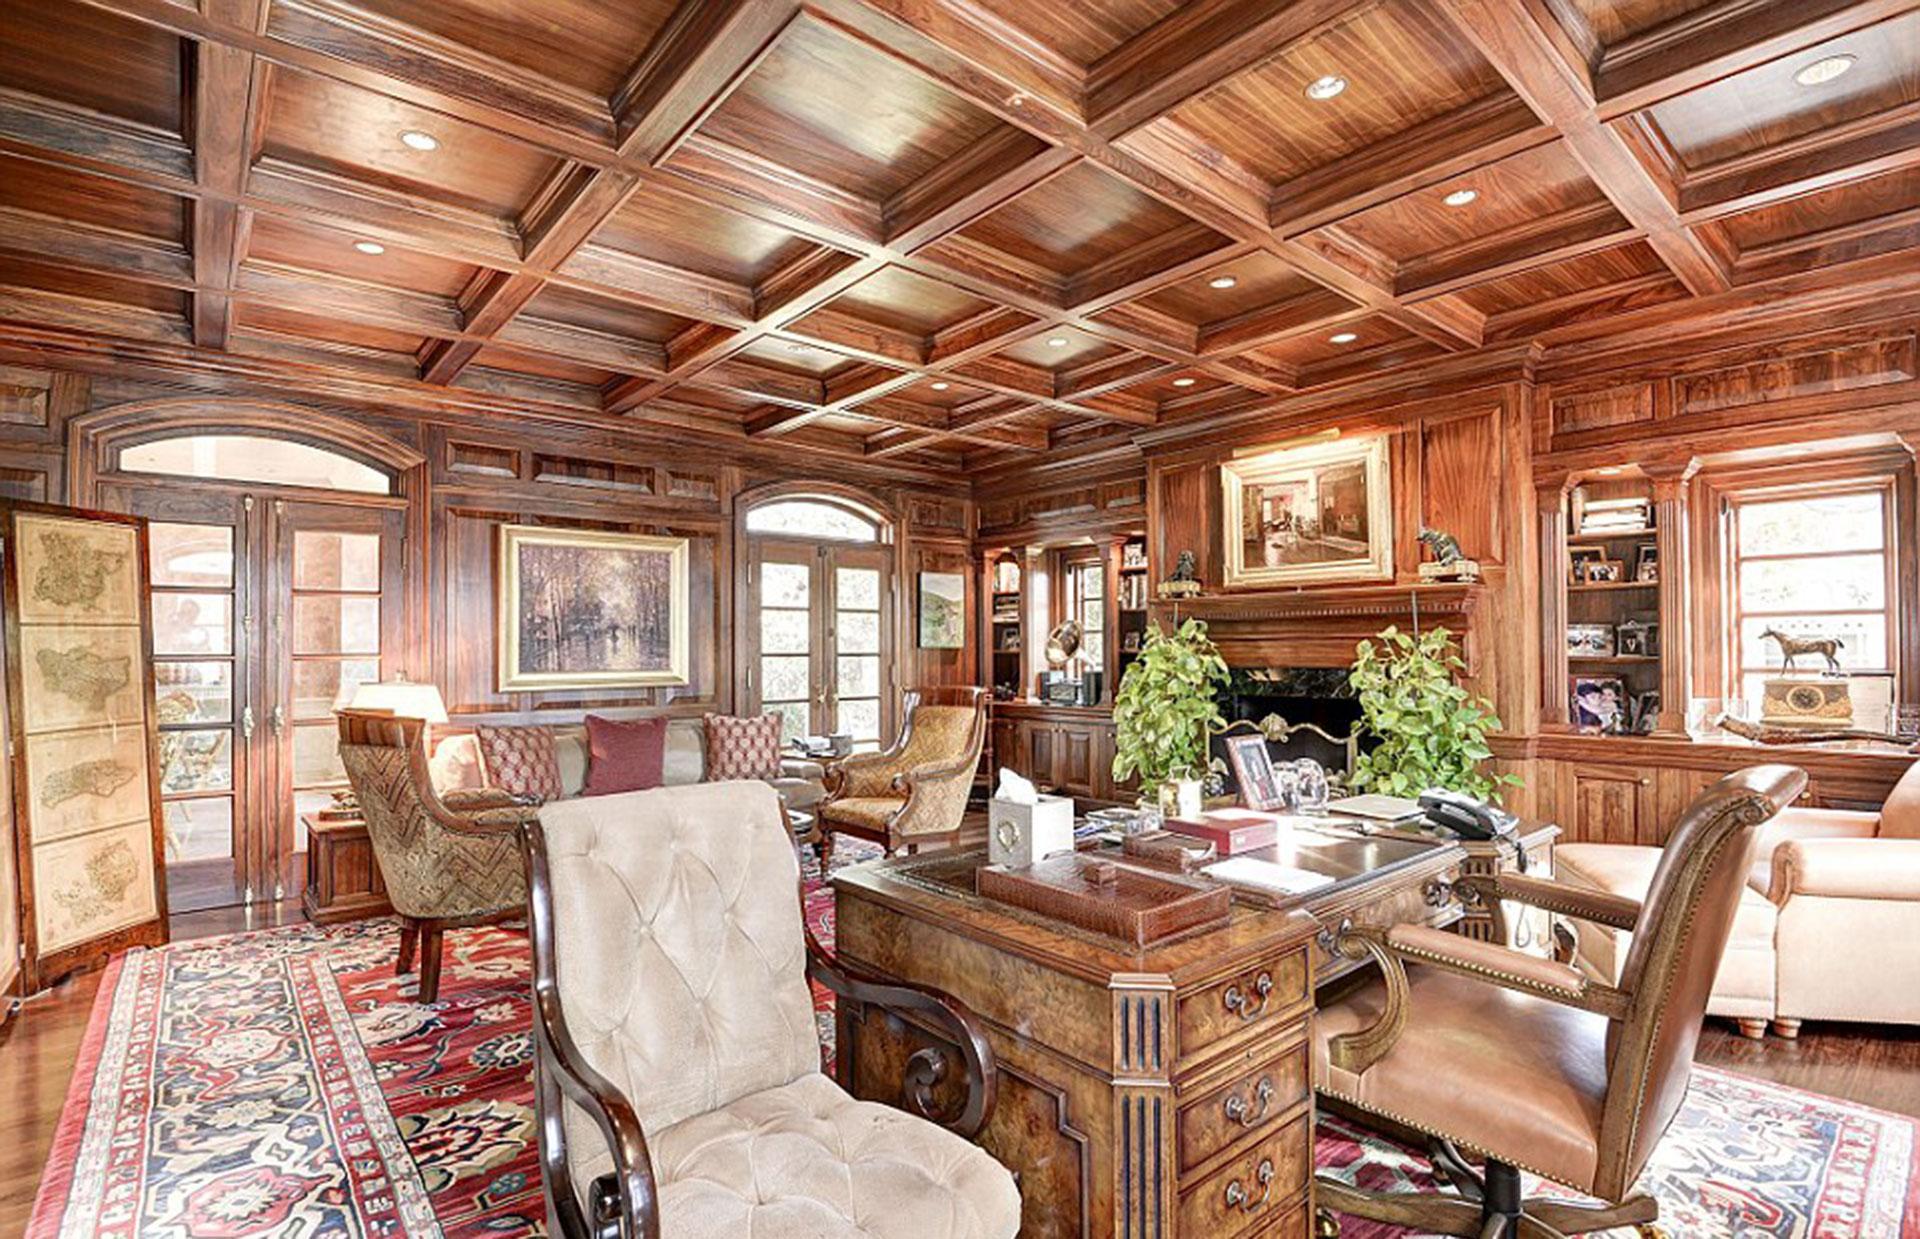 Habitaciones recubiertas con un símil madera que le da un toque rústico